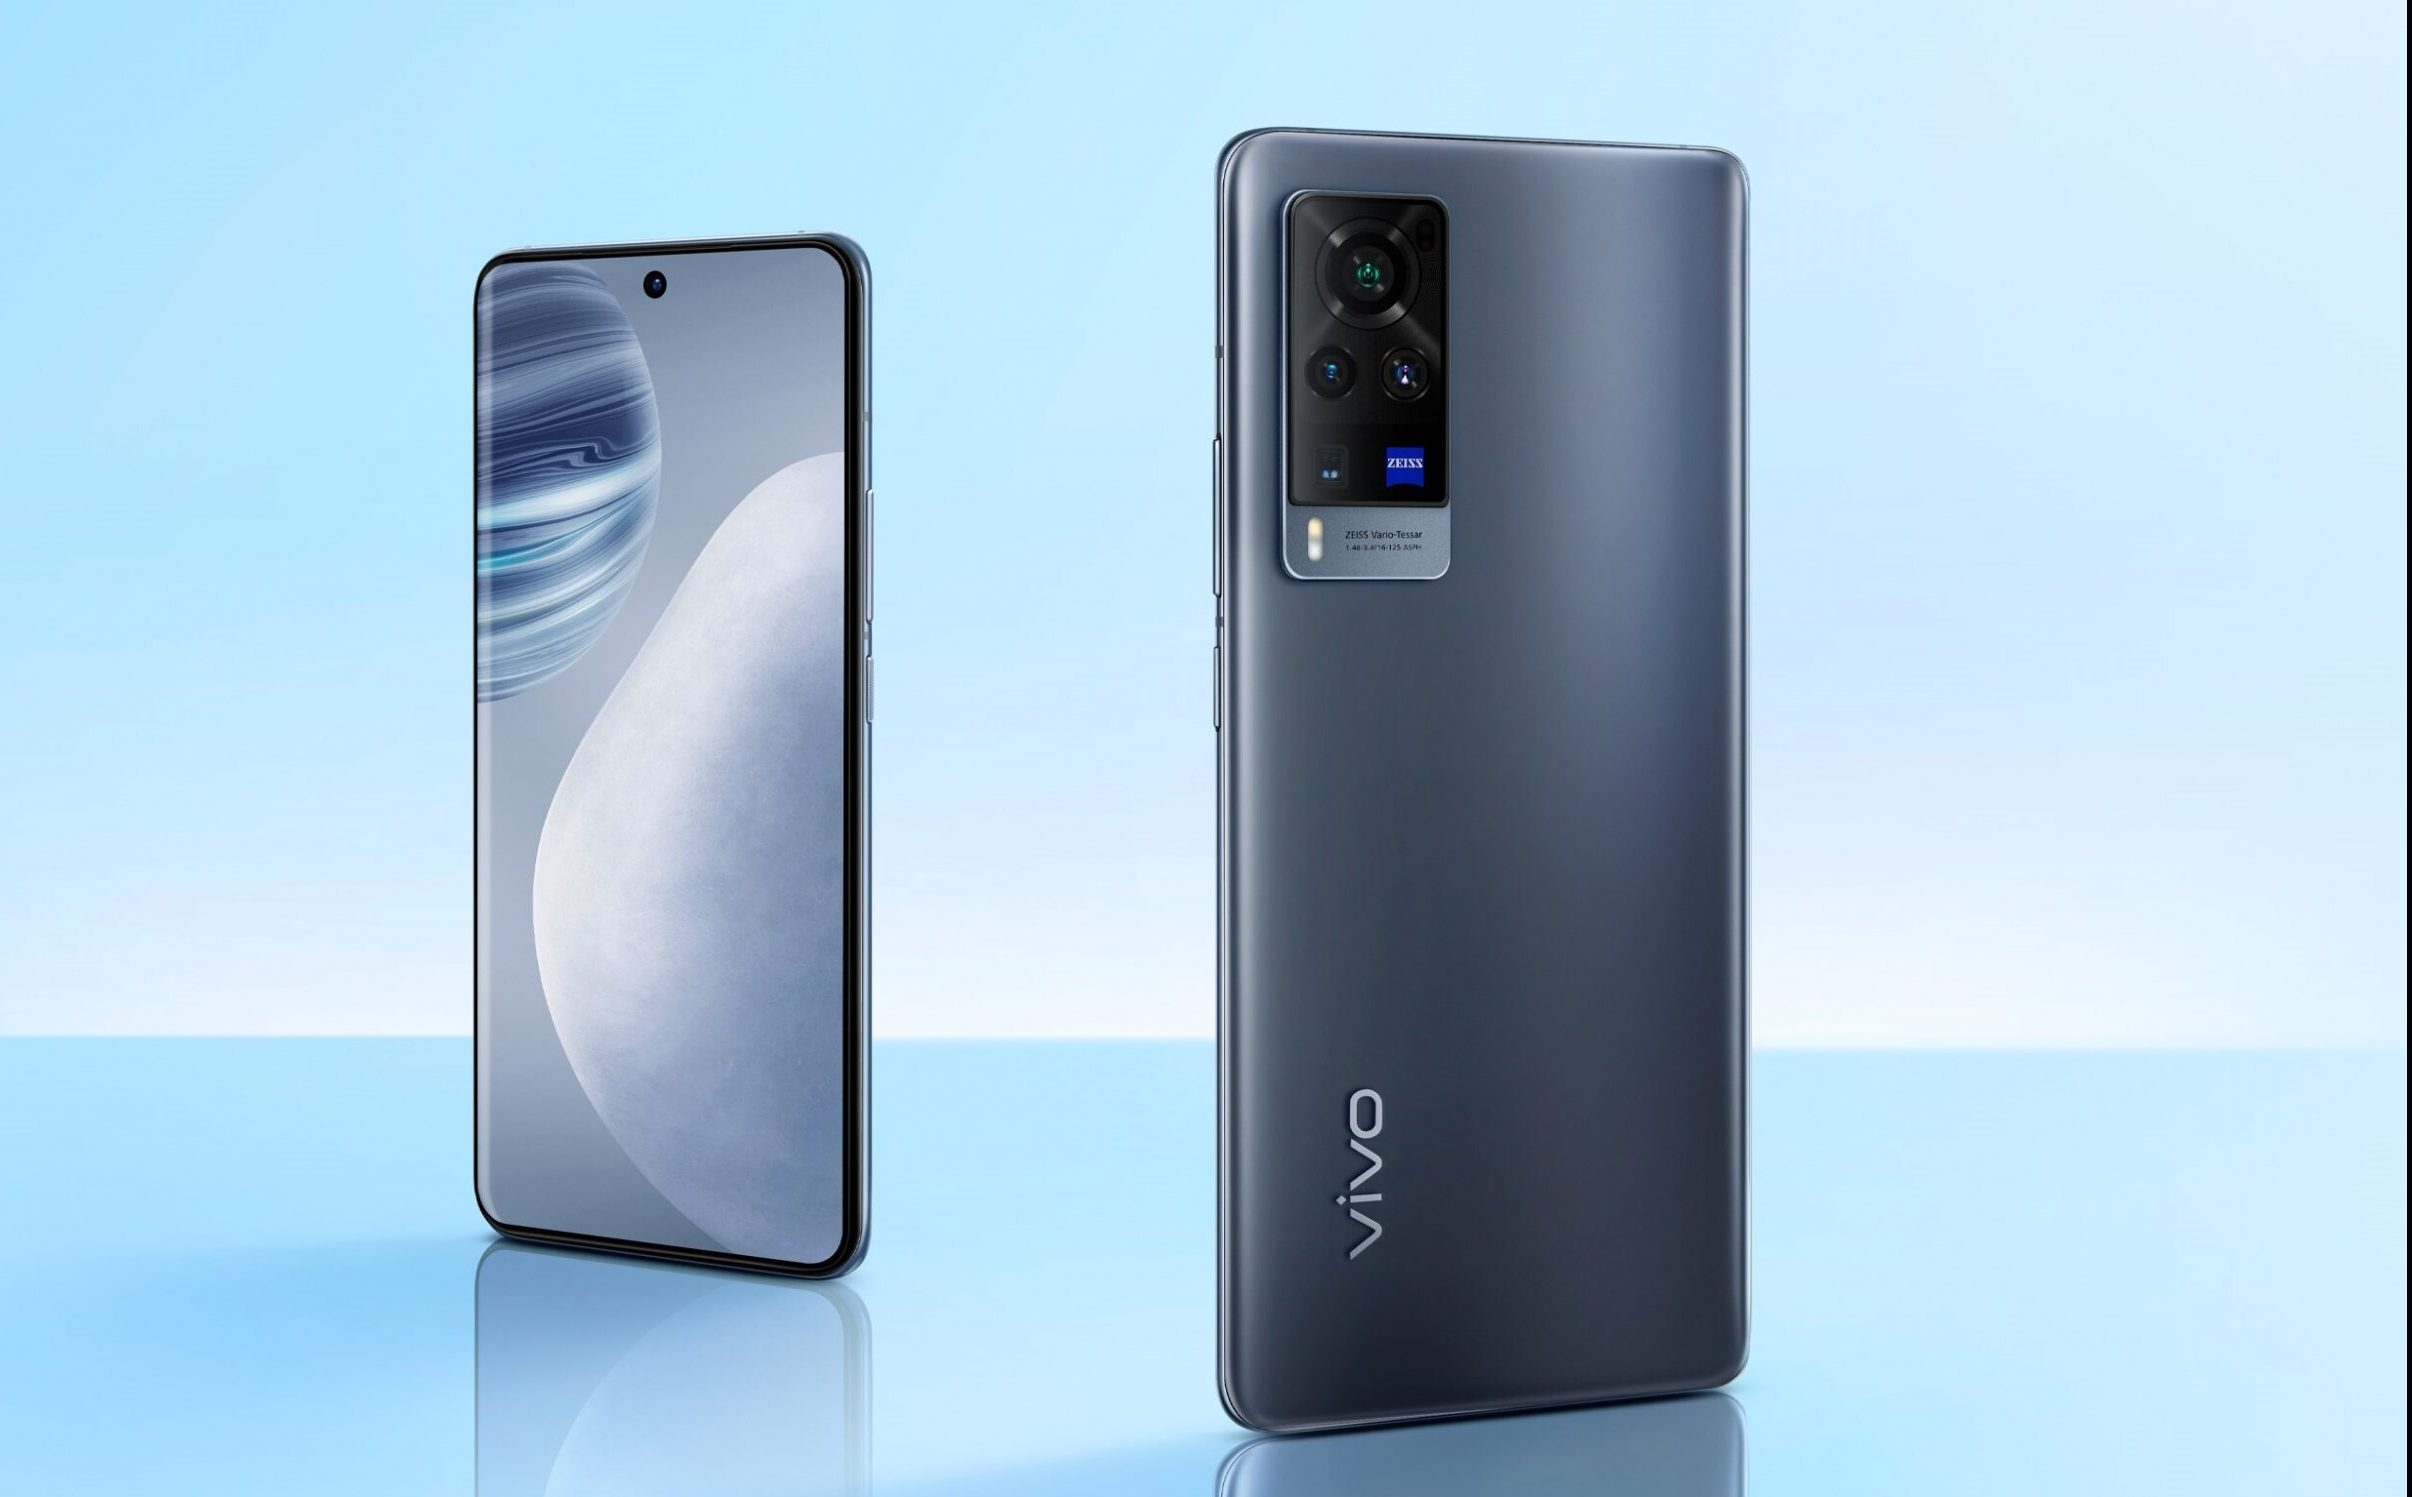 مشخصات گوشی هوشمند Vivo V2035 / ویوو یکی از 5 برند برتر جهان